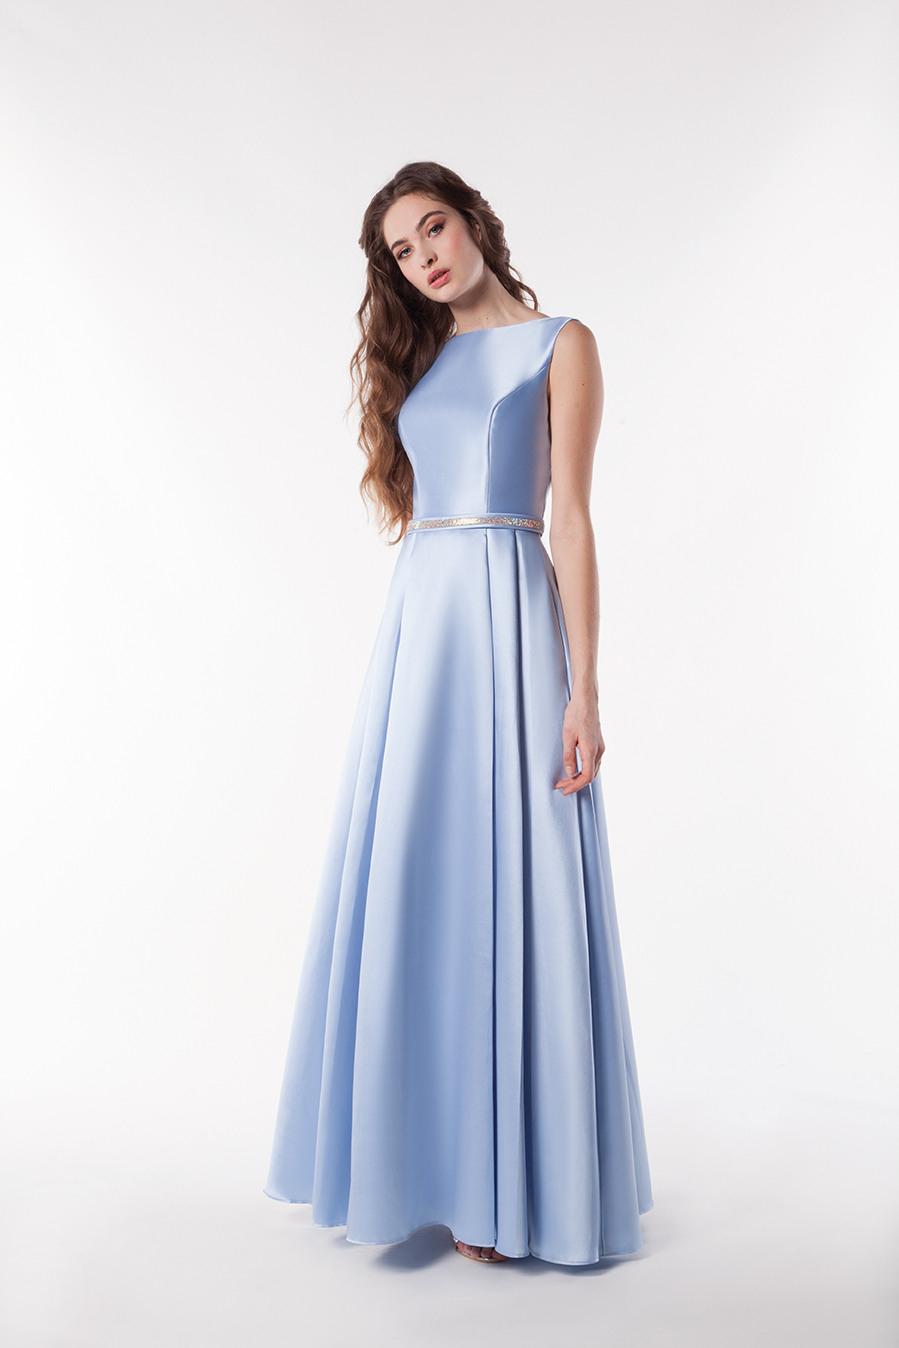 Schön Abendkleid New York Fashion Bester Preis17 Schön Abendkleid New York Fashion Spezialgebiet